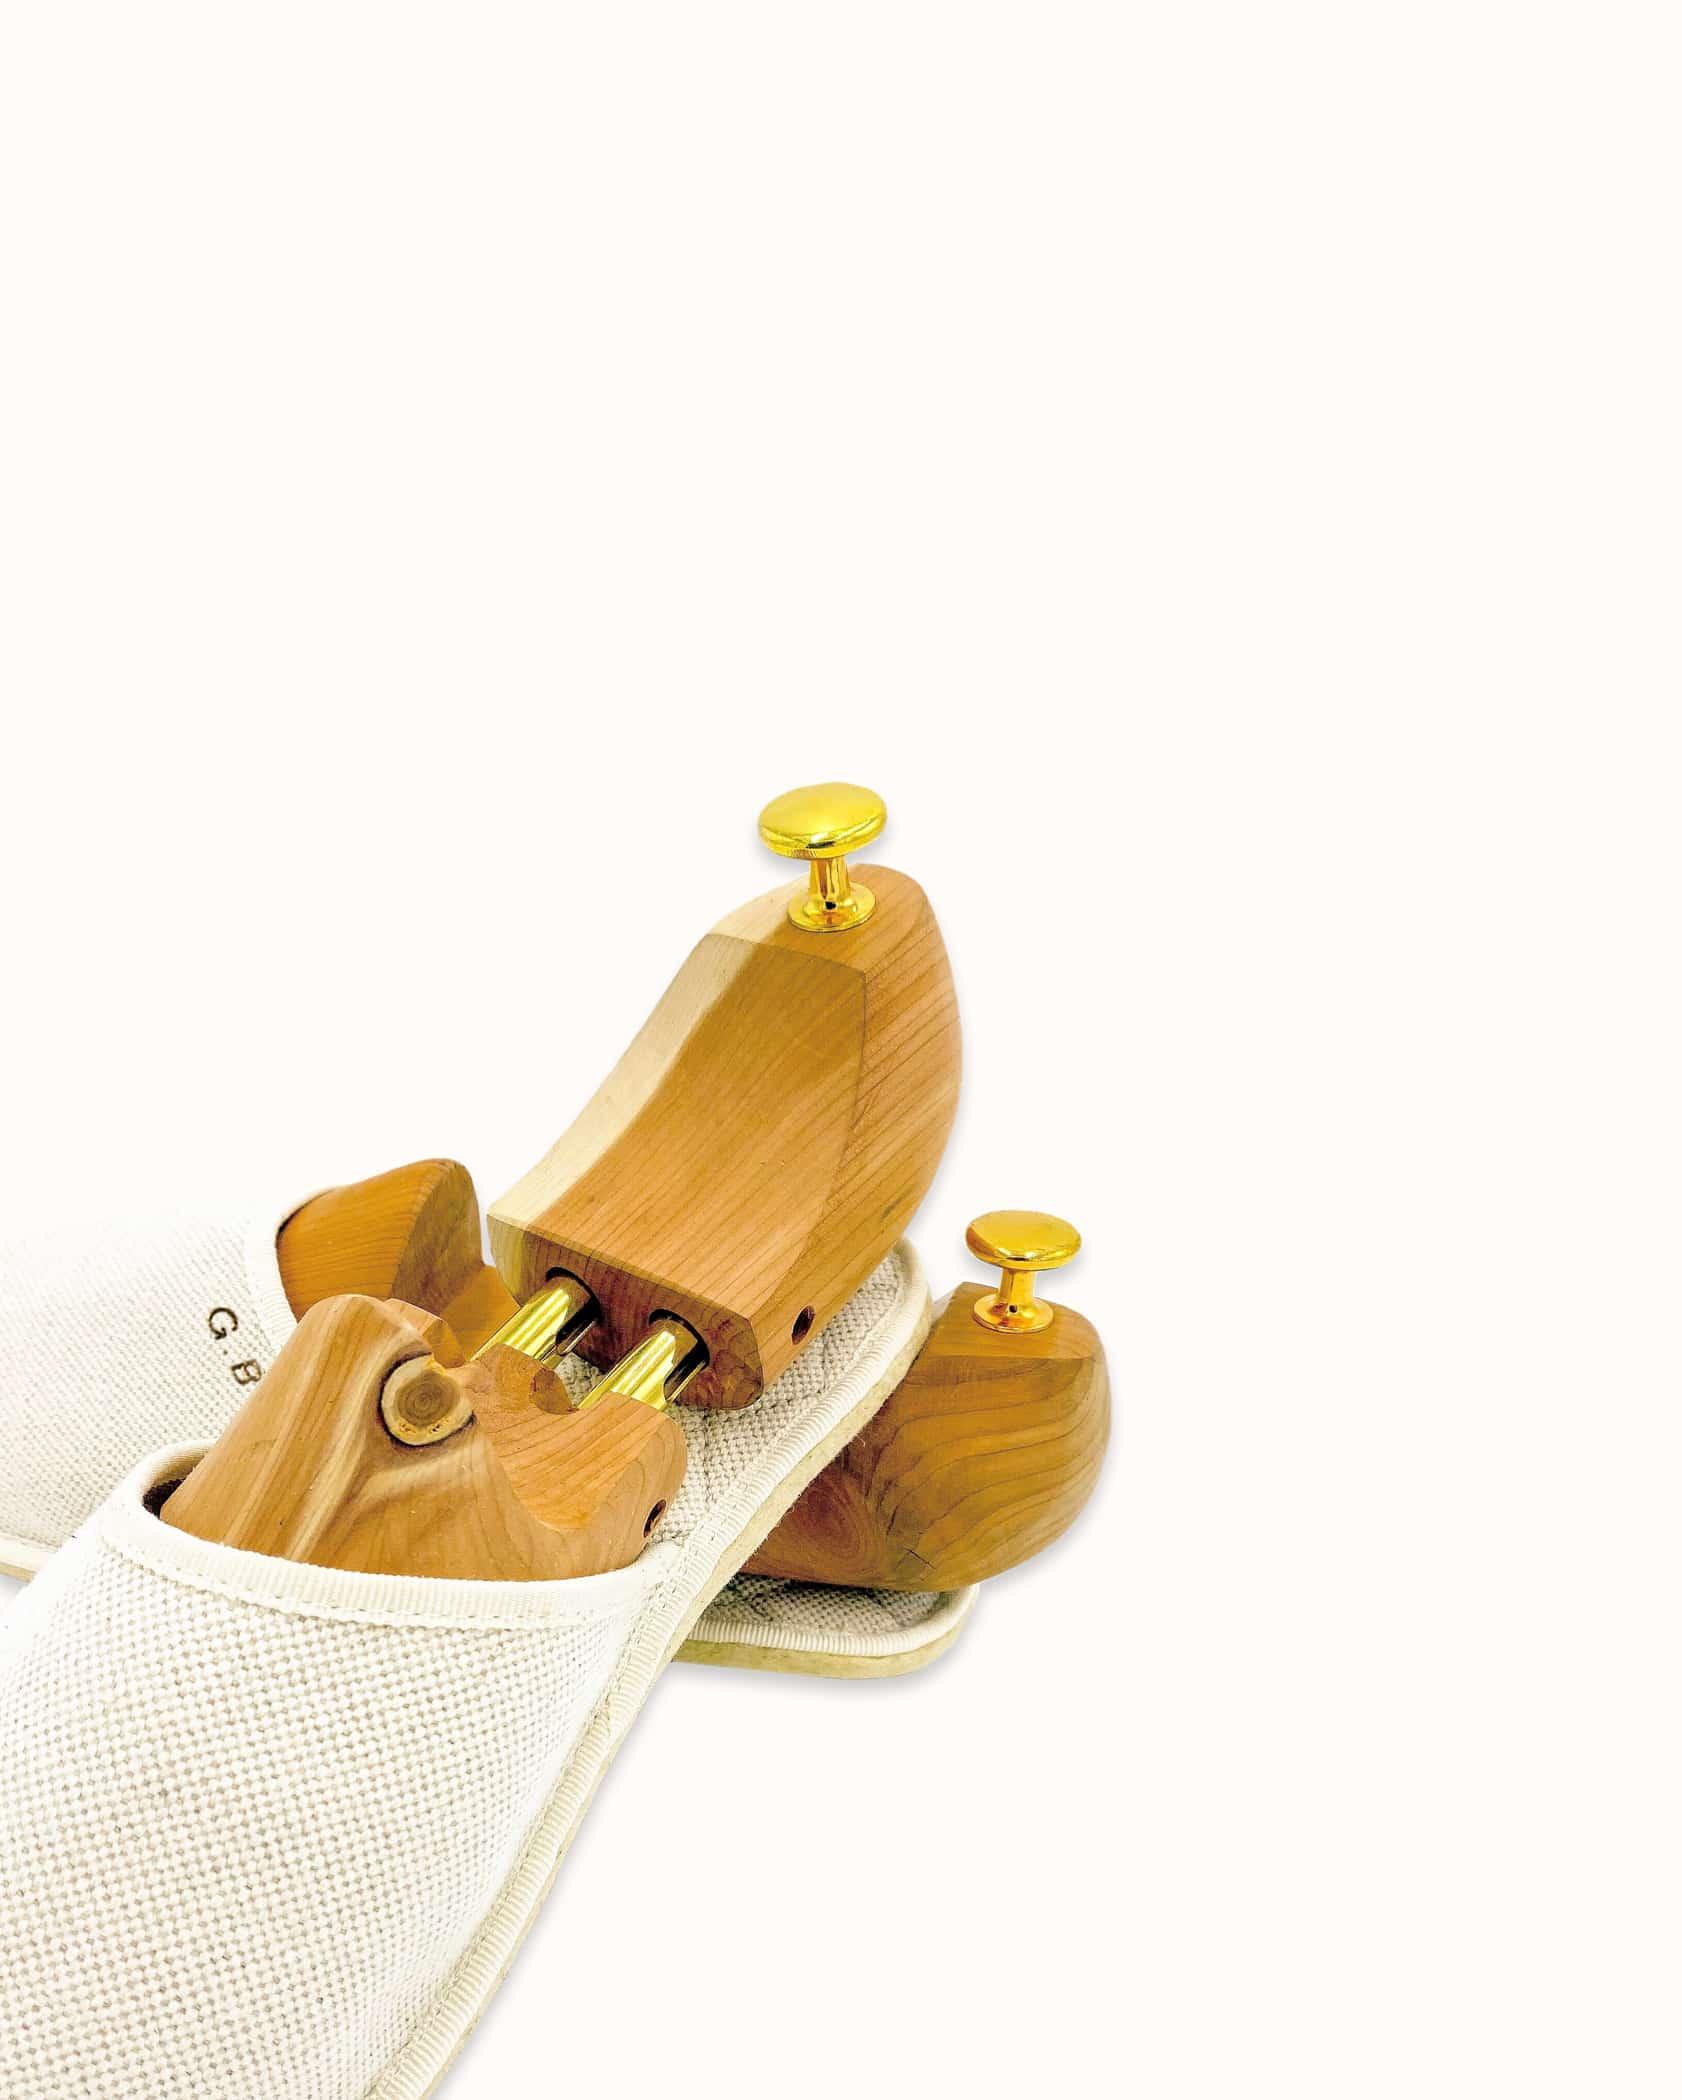 Chausson français pour homme, femme et enfant fabriqué en France. Modèle Hyperboréen (beige et blanc), une pantoufle comme à l'hôtel vêtue d'un rembourrage matelassé et d'une finition sophistiquée.